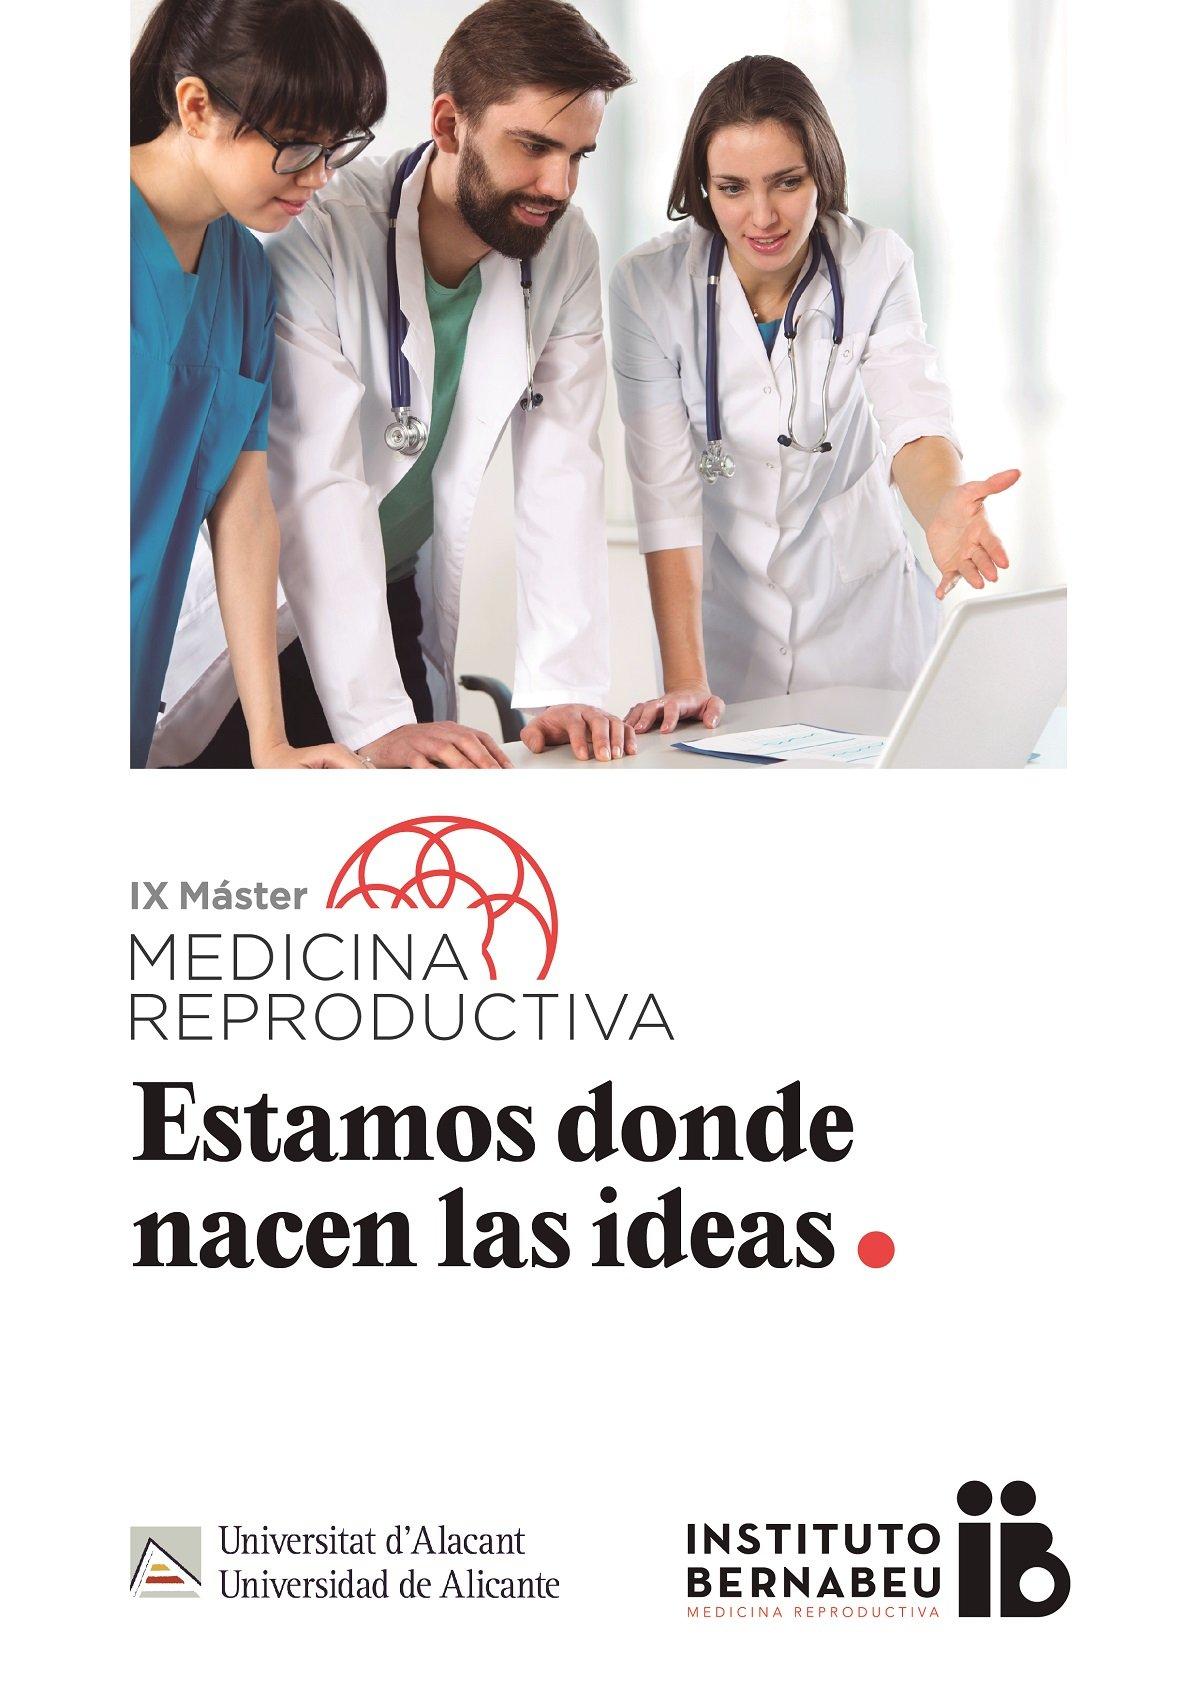 IX Máster en Medicina Reproductiva Universidad de Alicante – Instituto Bernabeu